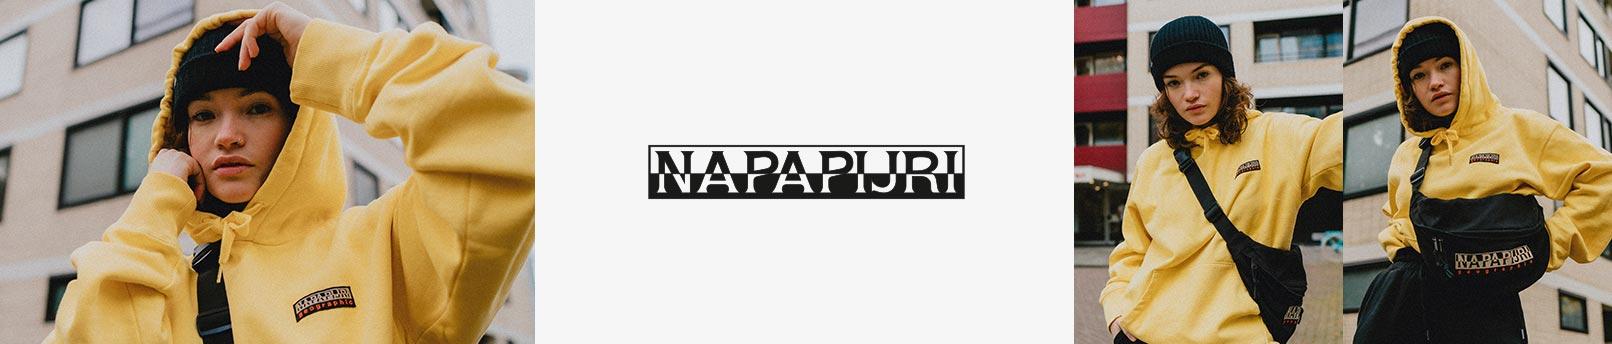 Découvrir Napapijri The Tribe